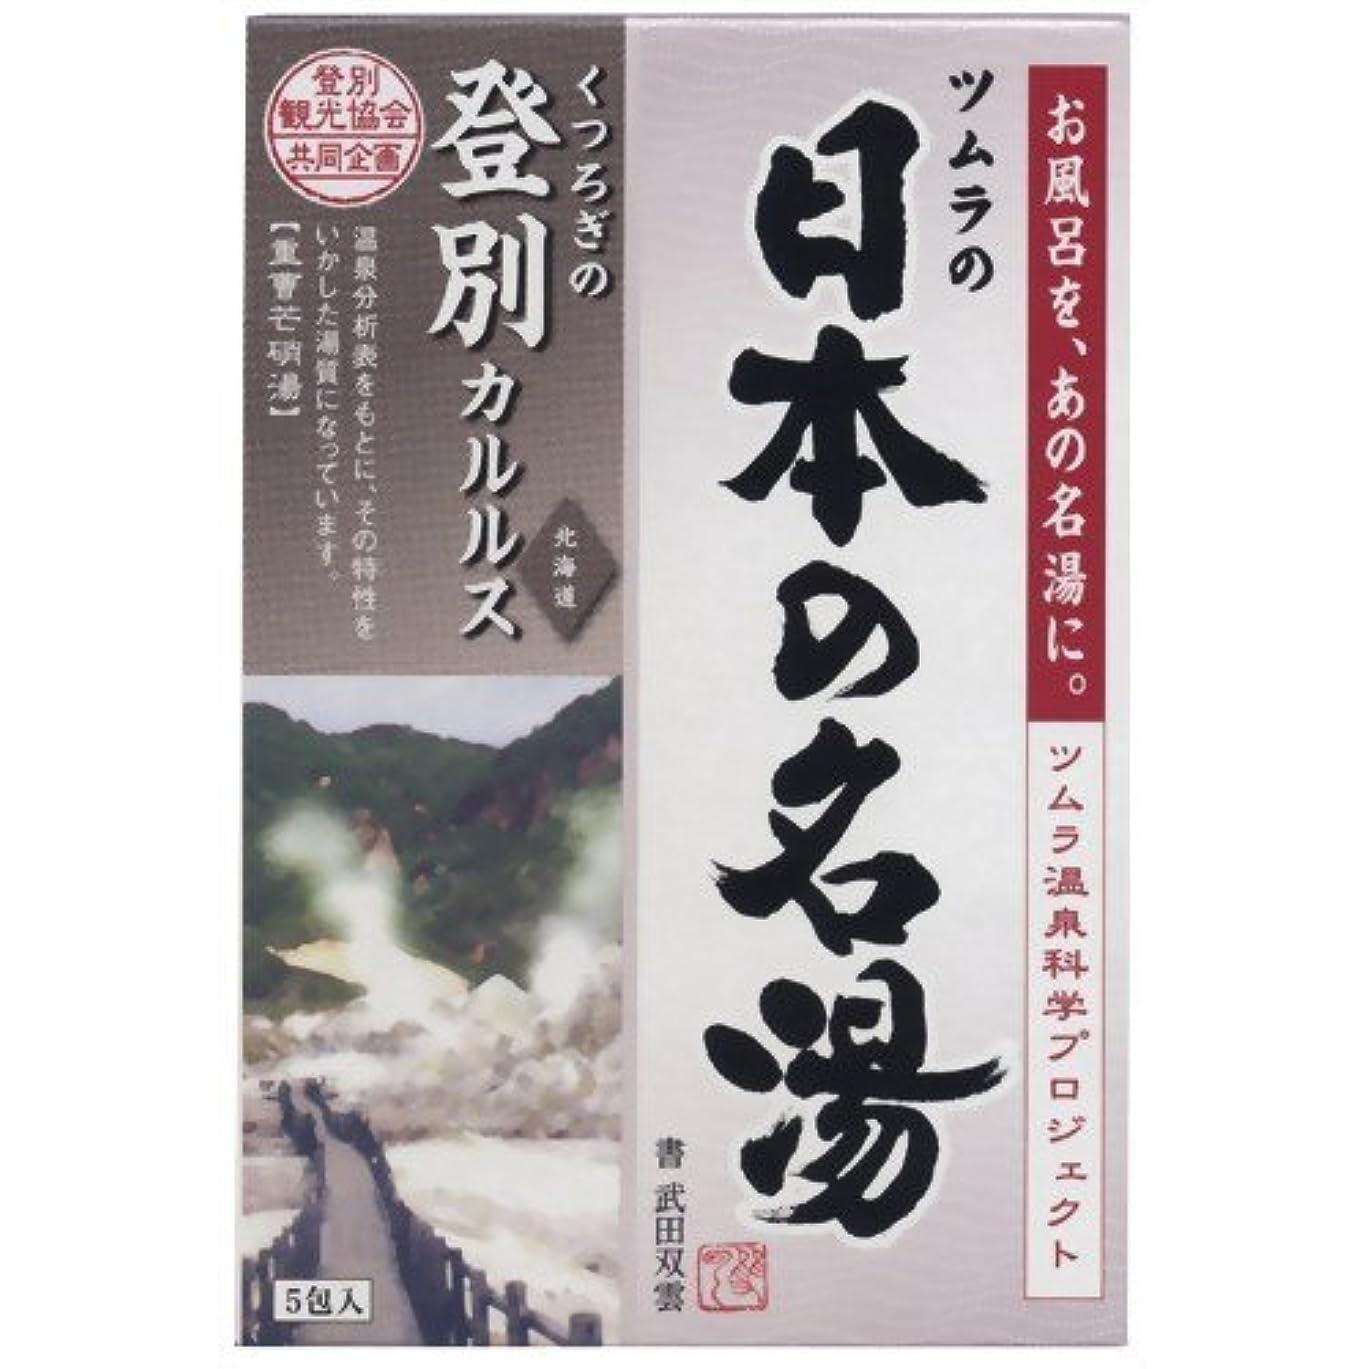 正気顧問示す日本の名湯 登別カルルス30g 5包入り にごりタイプ 入浴剤 (医薬部外品) × 5個セット